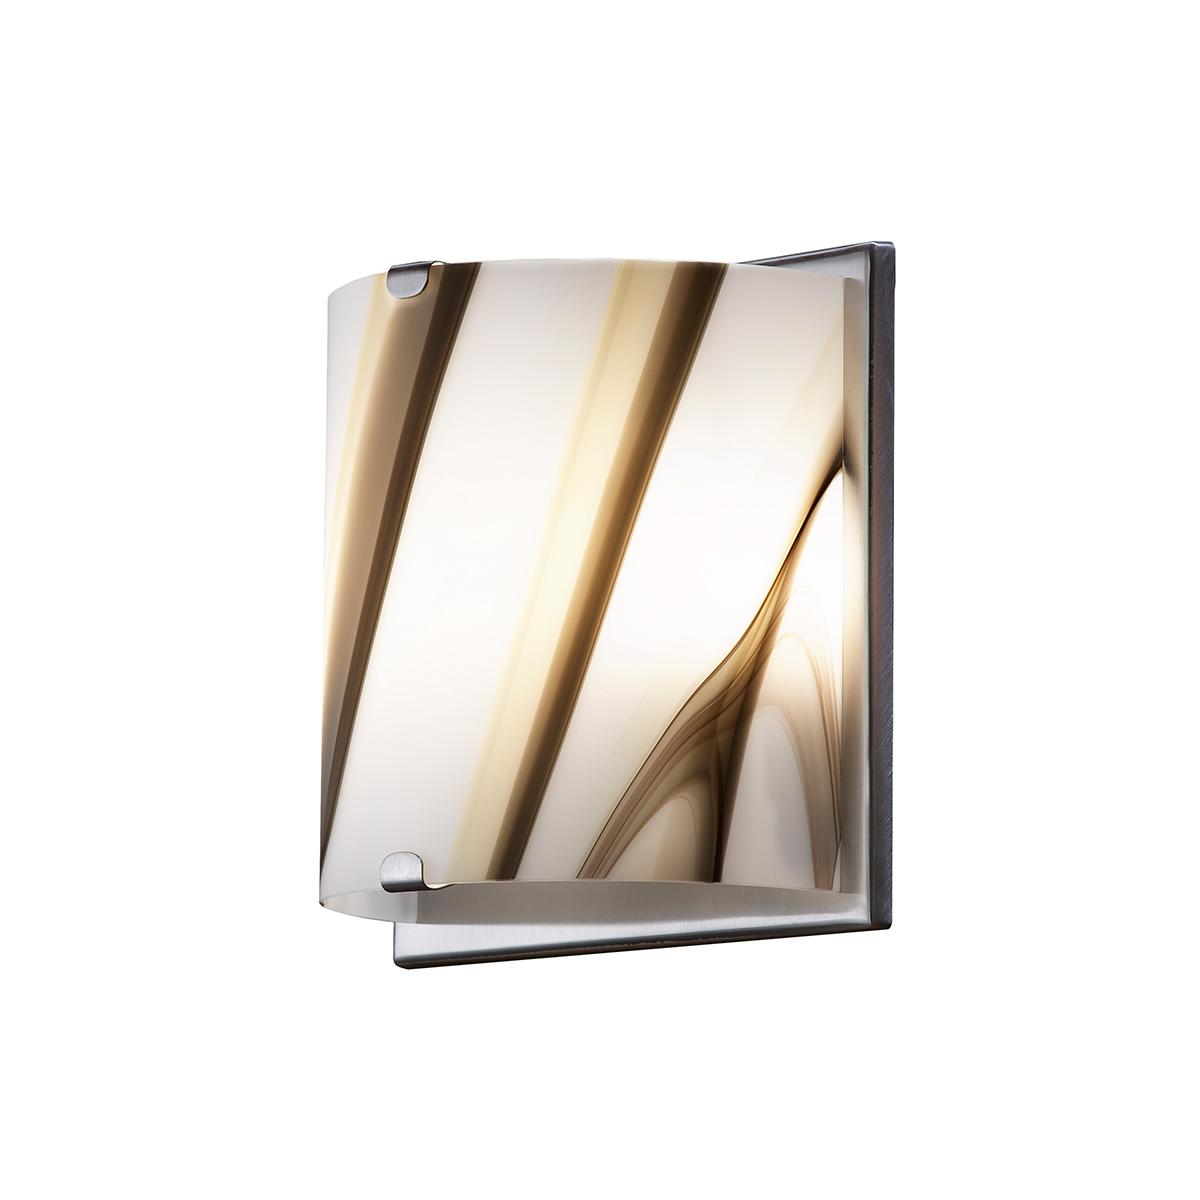 Μοντέρνα επιτοίχιο φωτιστικό COLORE modern wall lamp